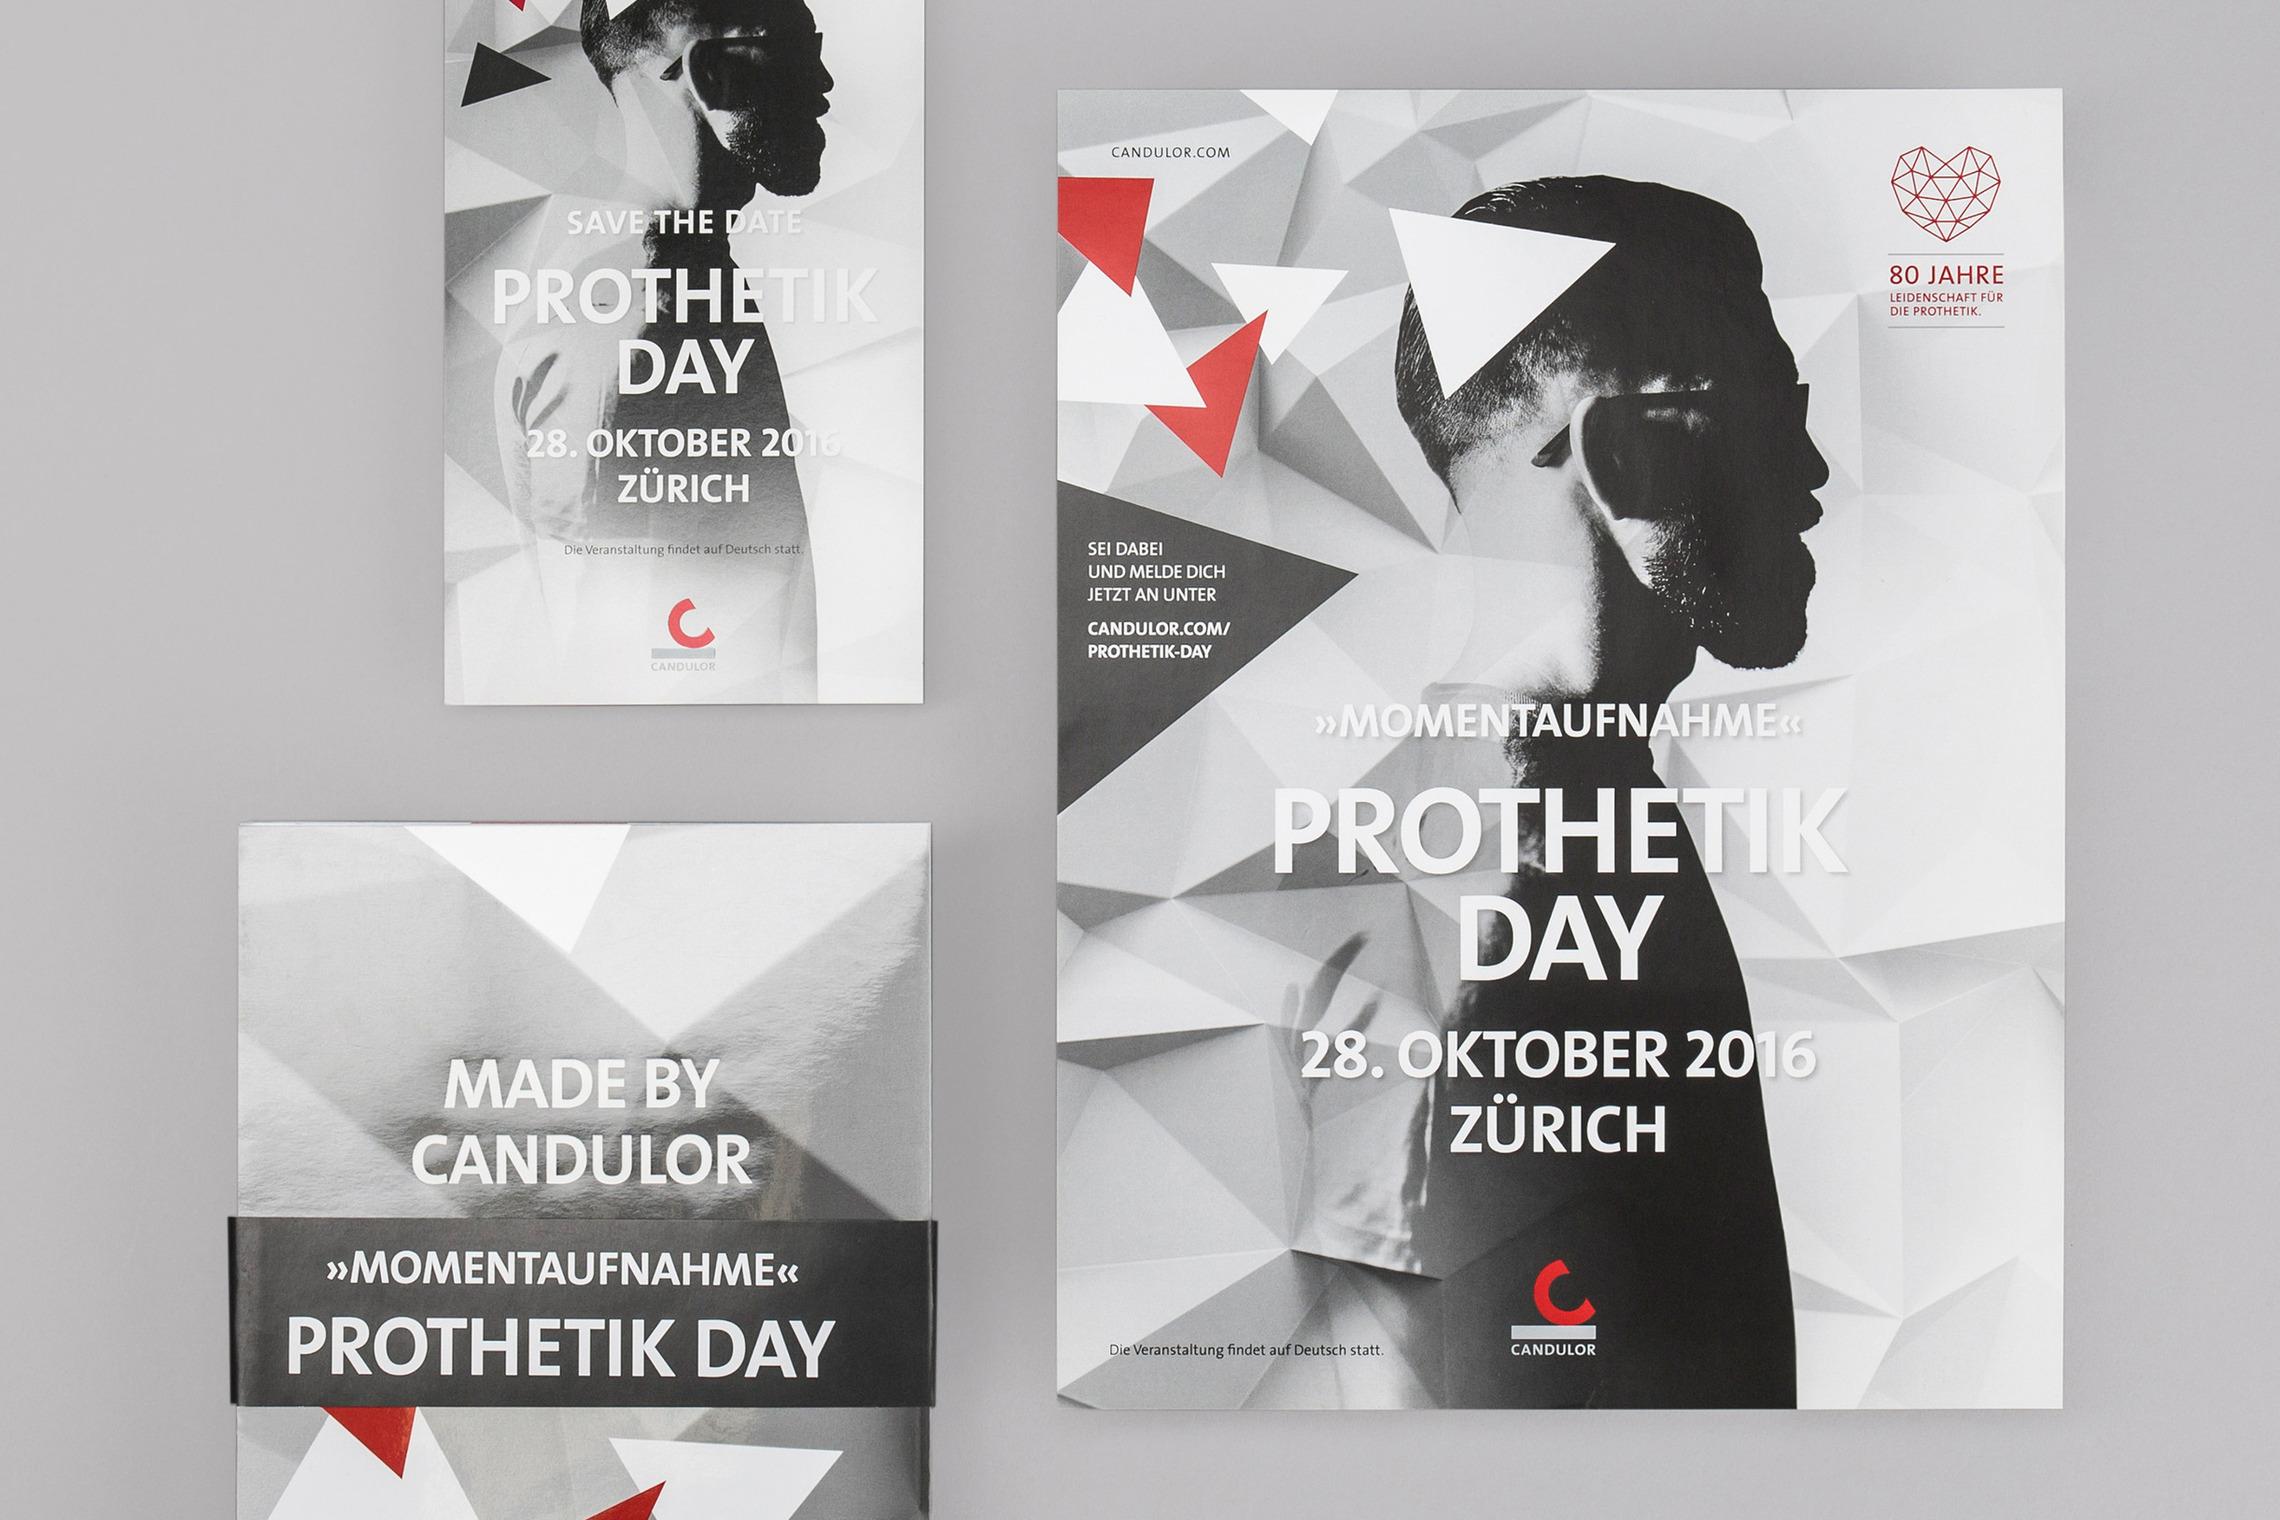 Für besondere Events und Anlässe wird das Brand Design individuell weiter entwickelt.